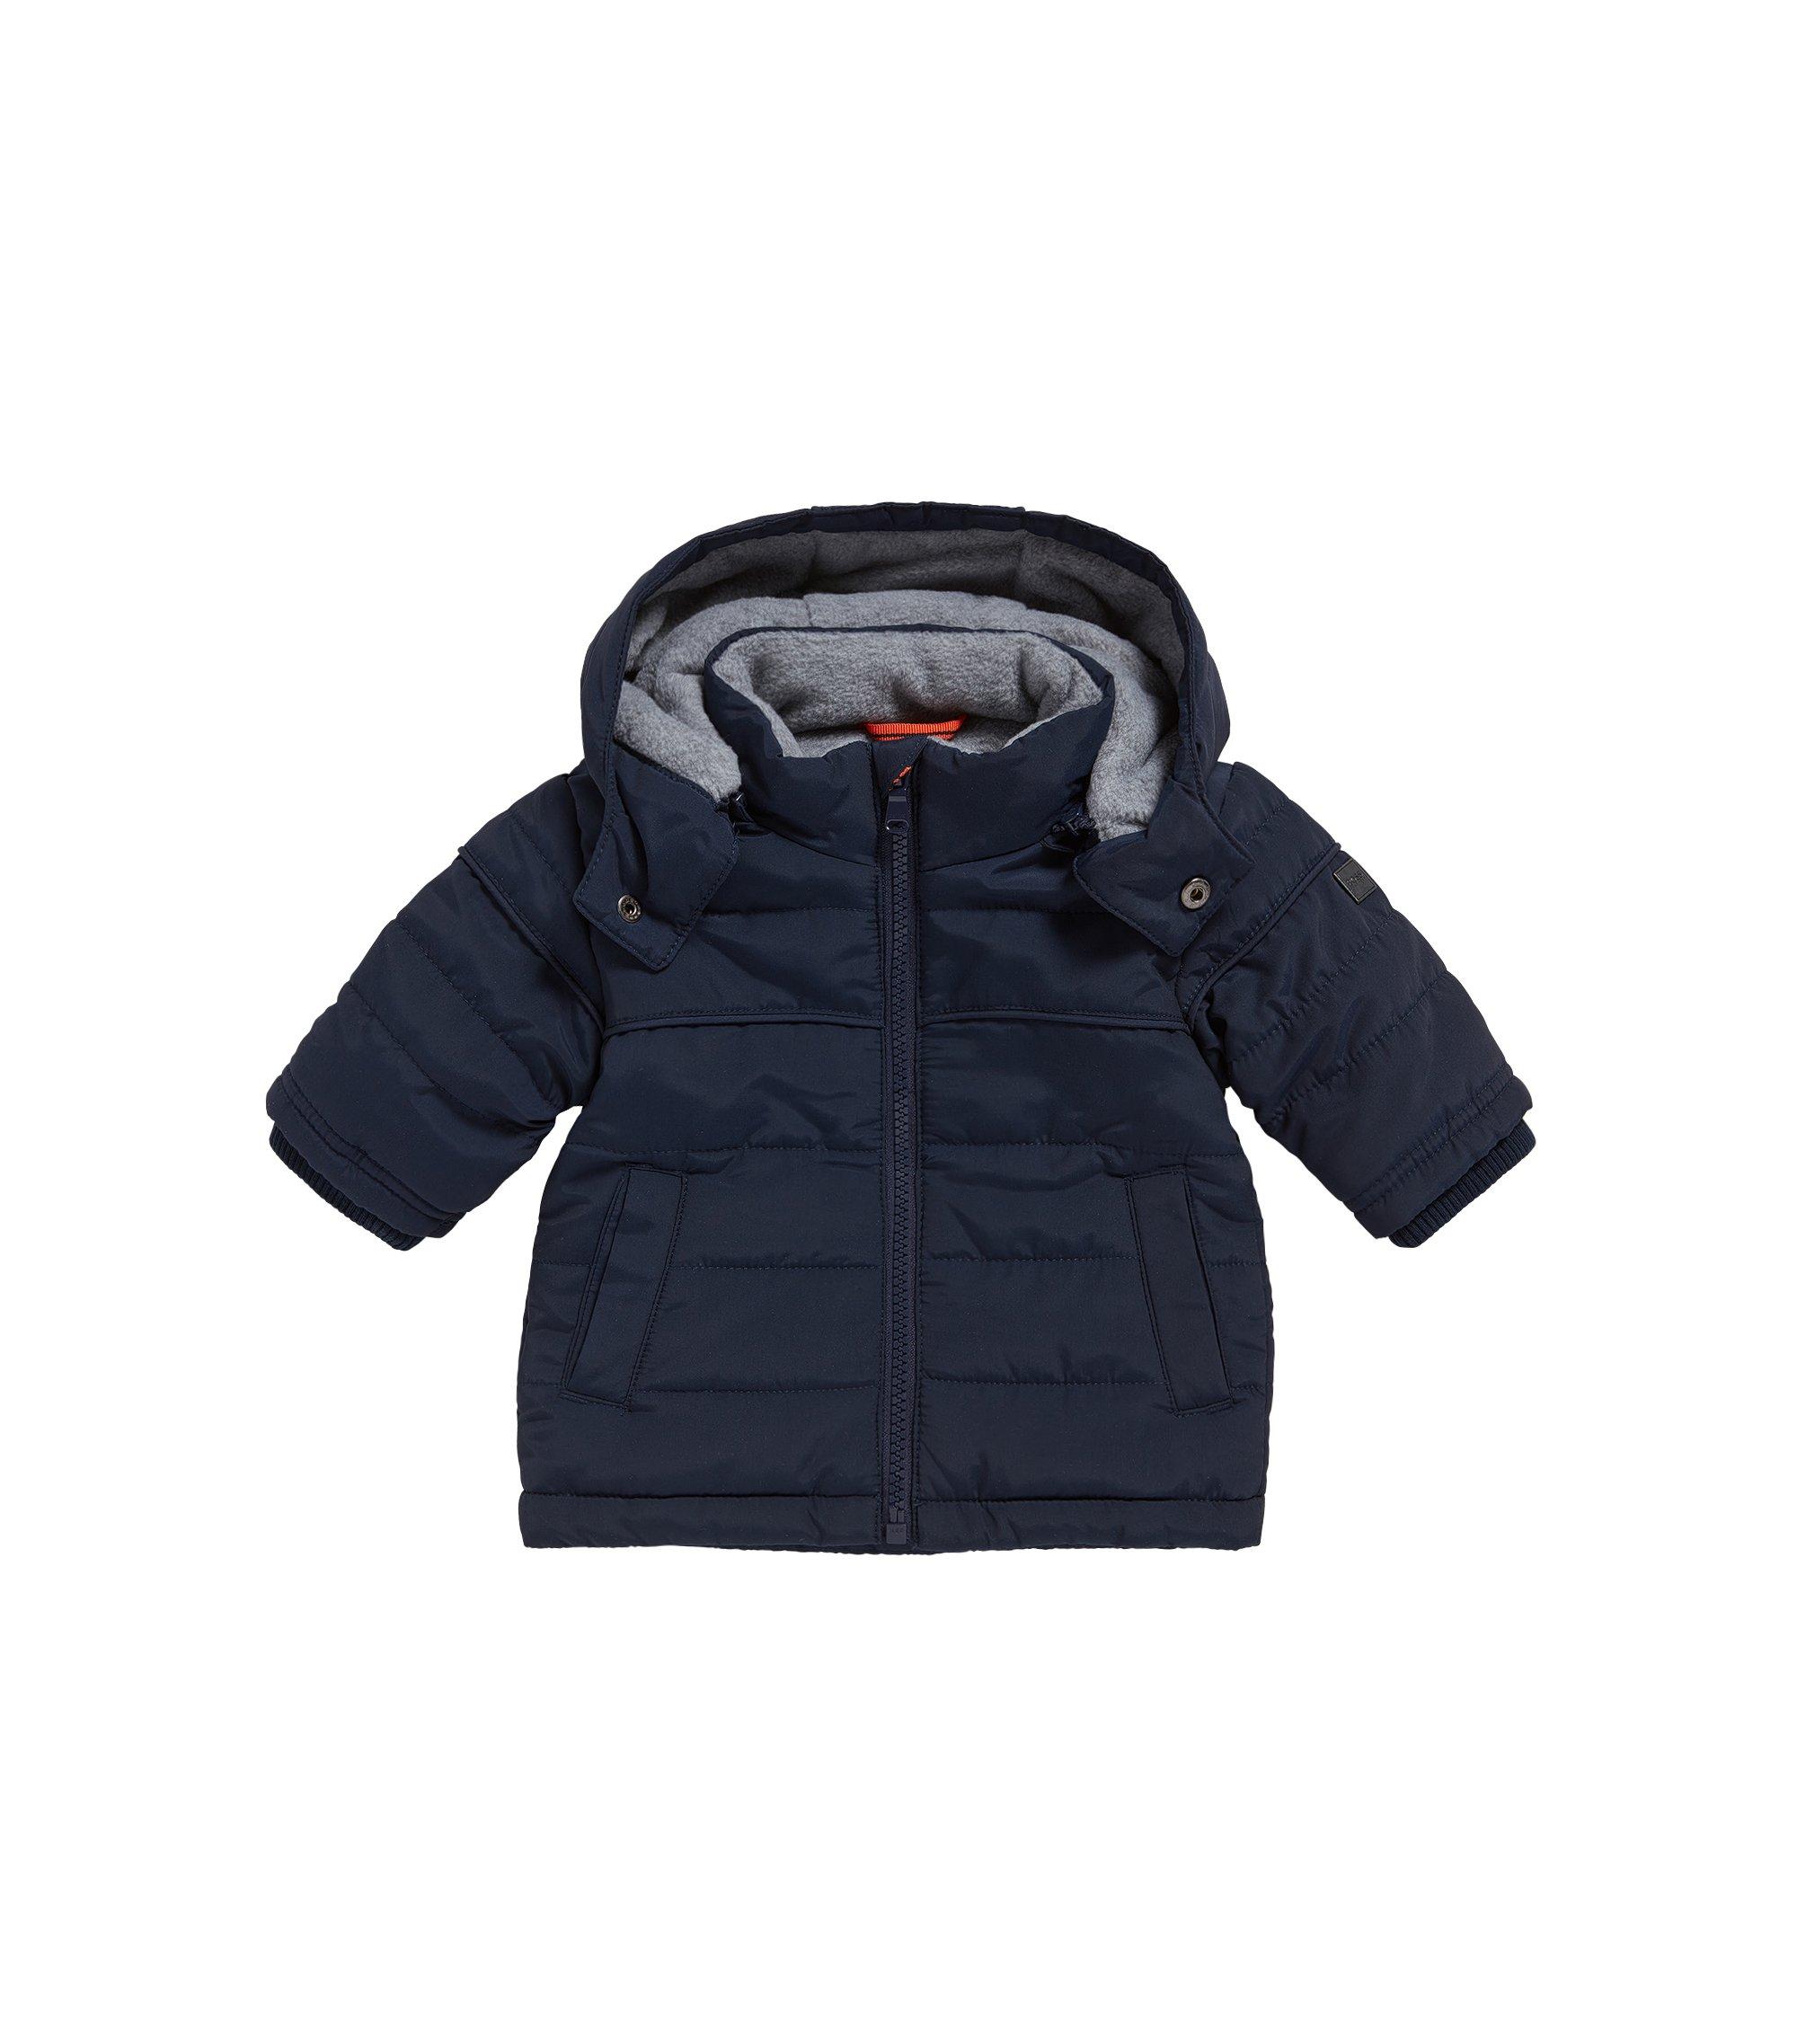 Baby-Jacke aus Material-Mix mit Kapuze und Fleece-Futter: 'J06149', Dunkelblau